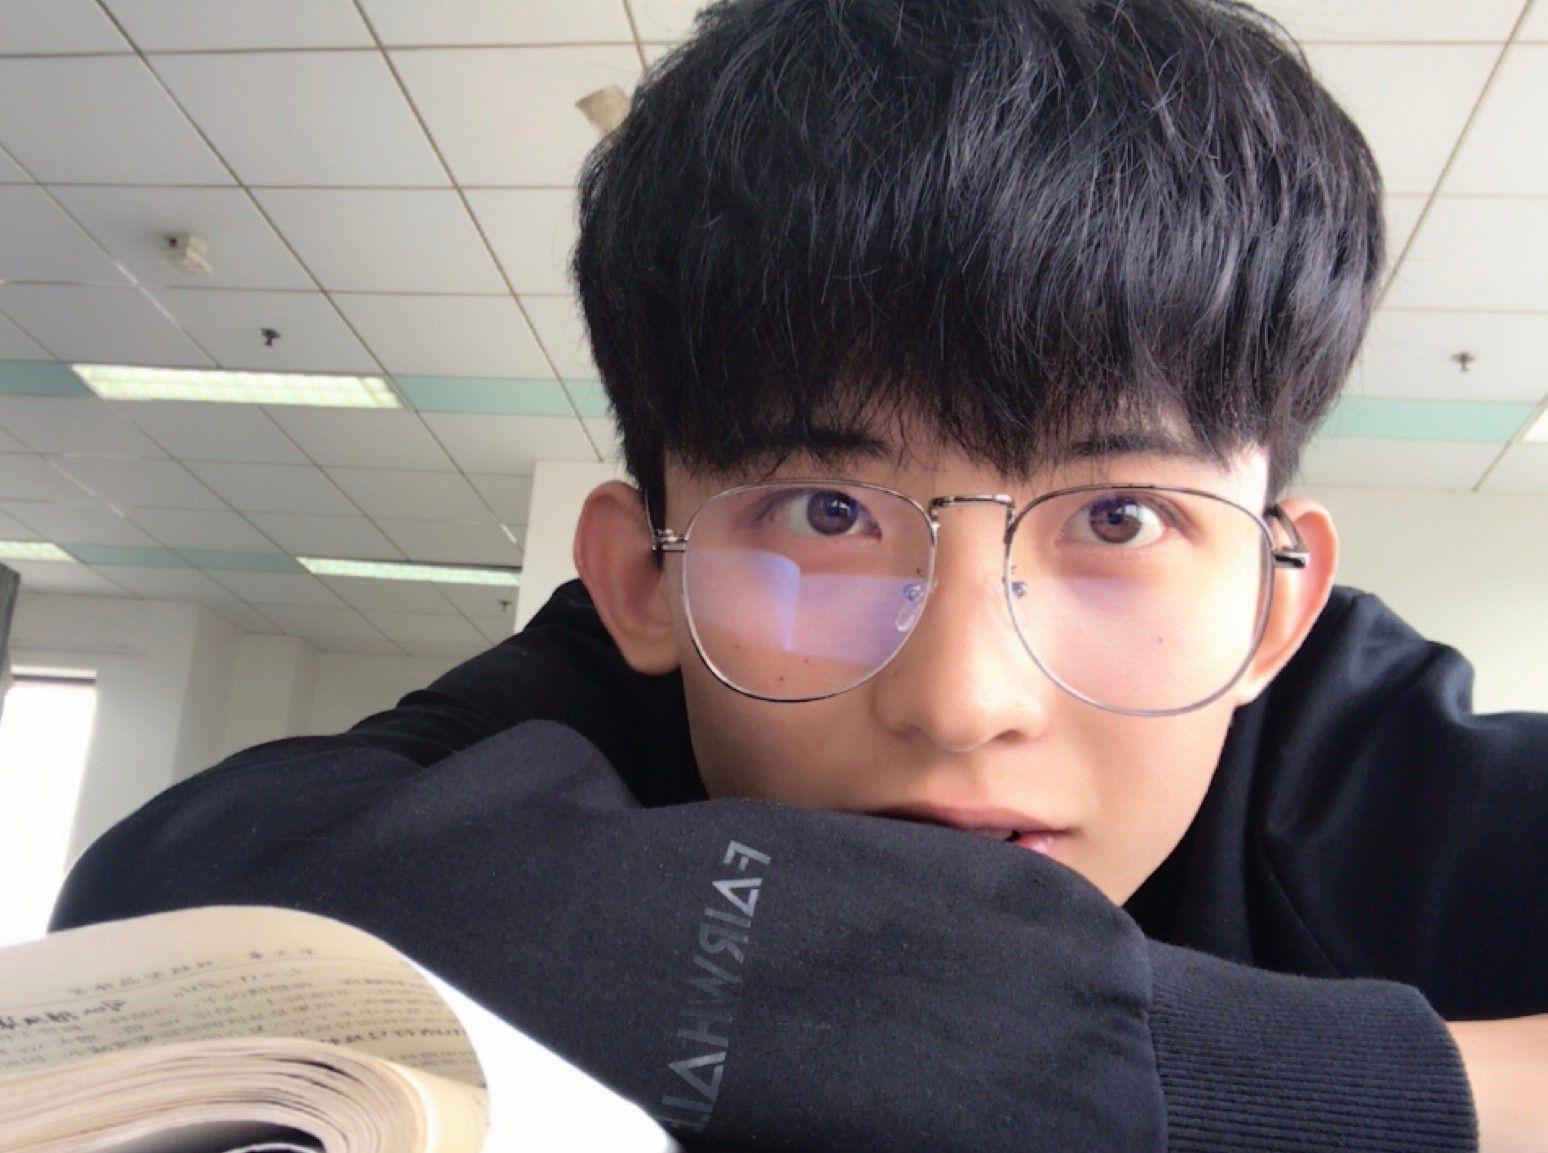 Thường Ưu Tú: Hot boy Tik Tok Trung Quốc gây sốt bởi nụ cười tỏa nắng (2)